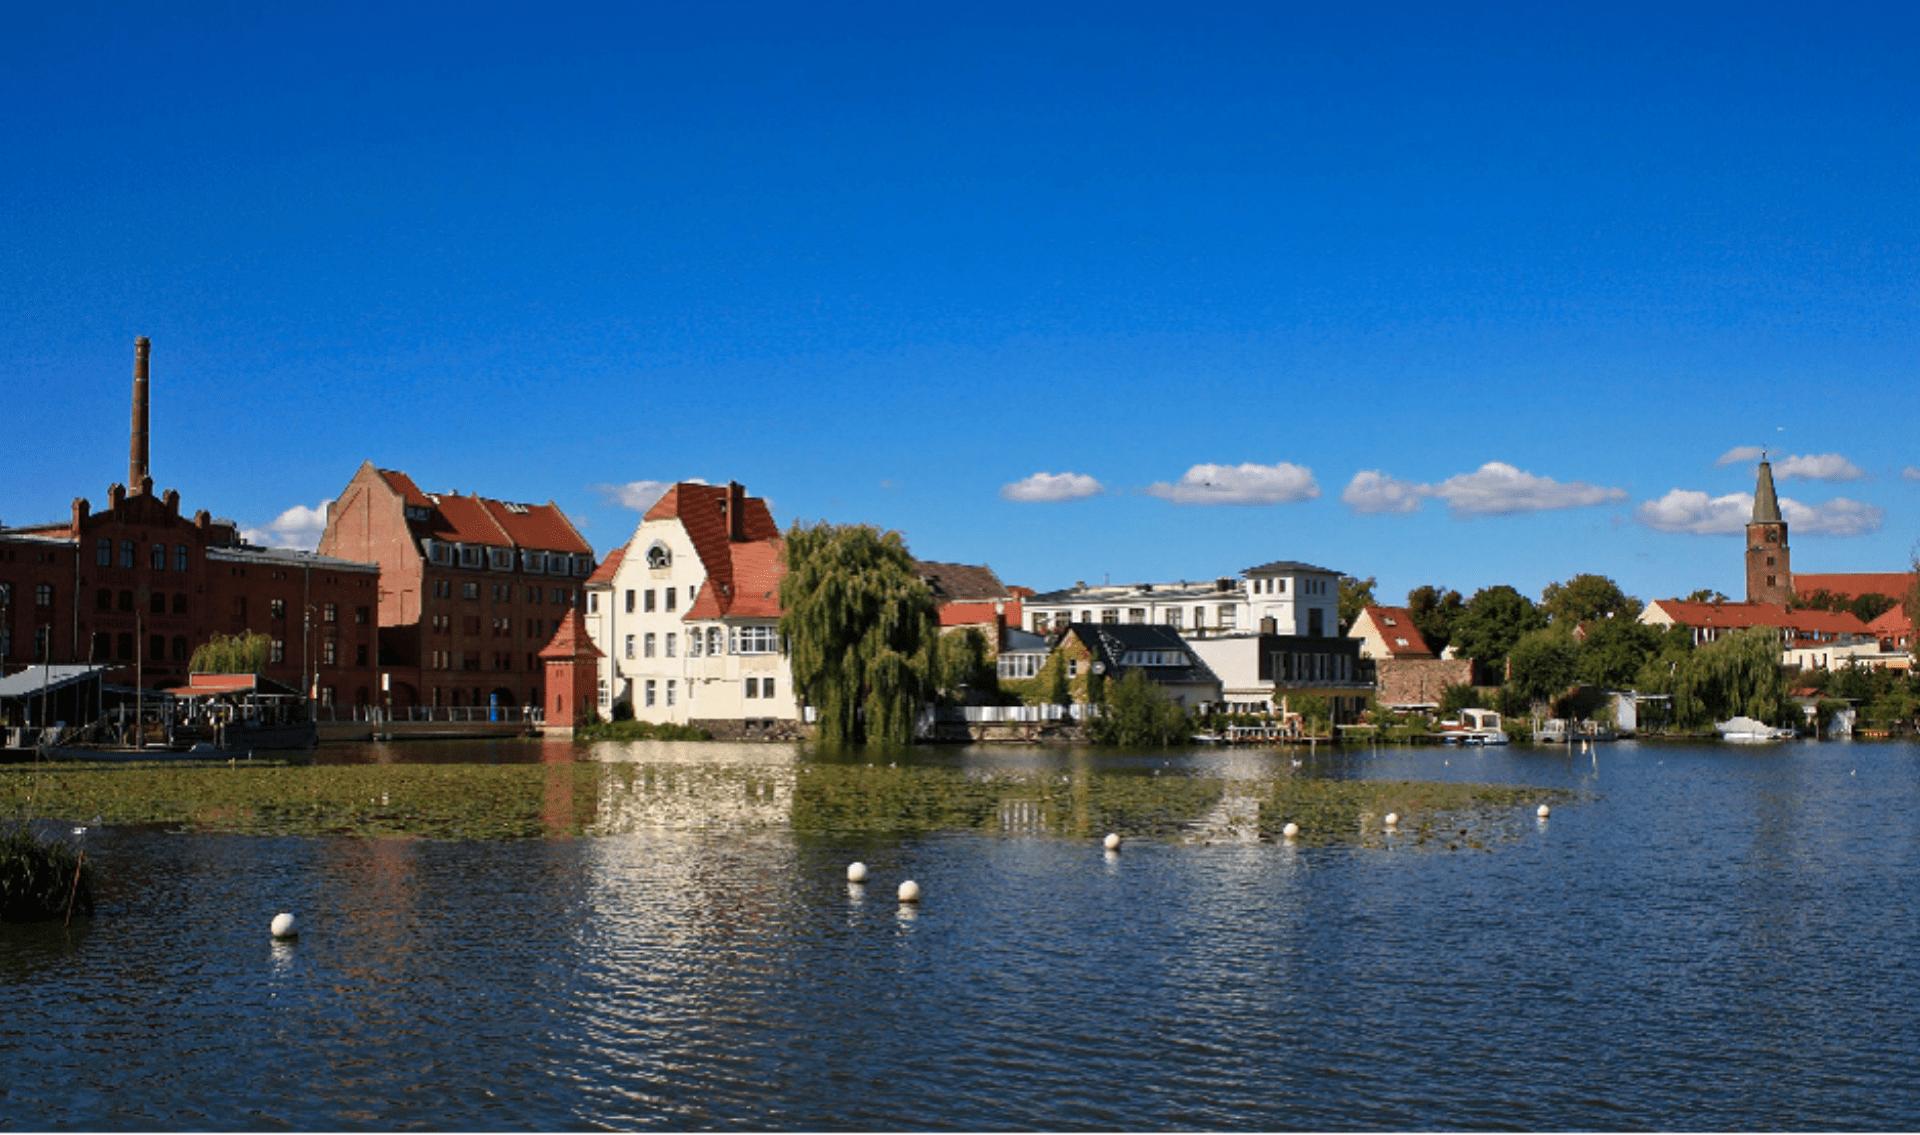 Fietsvakantie op de fiets door het Havelland, Potsdam